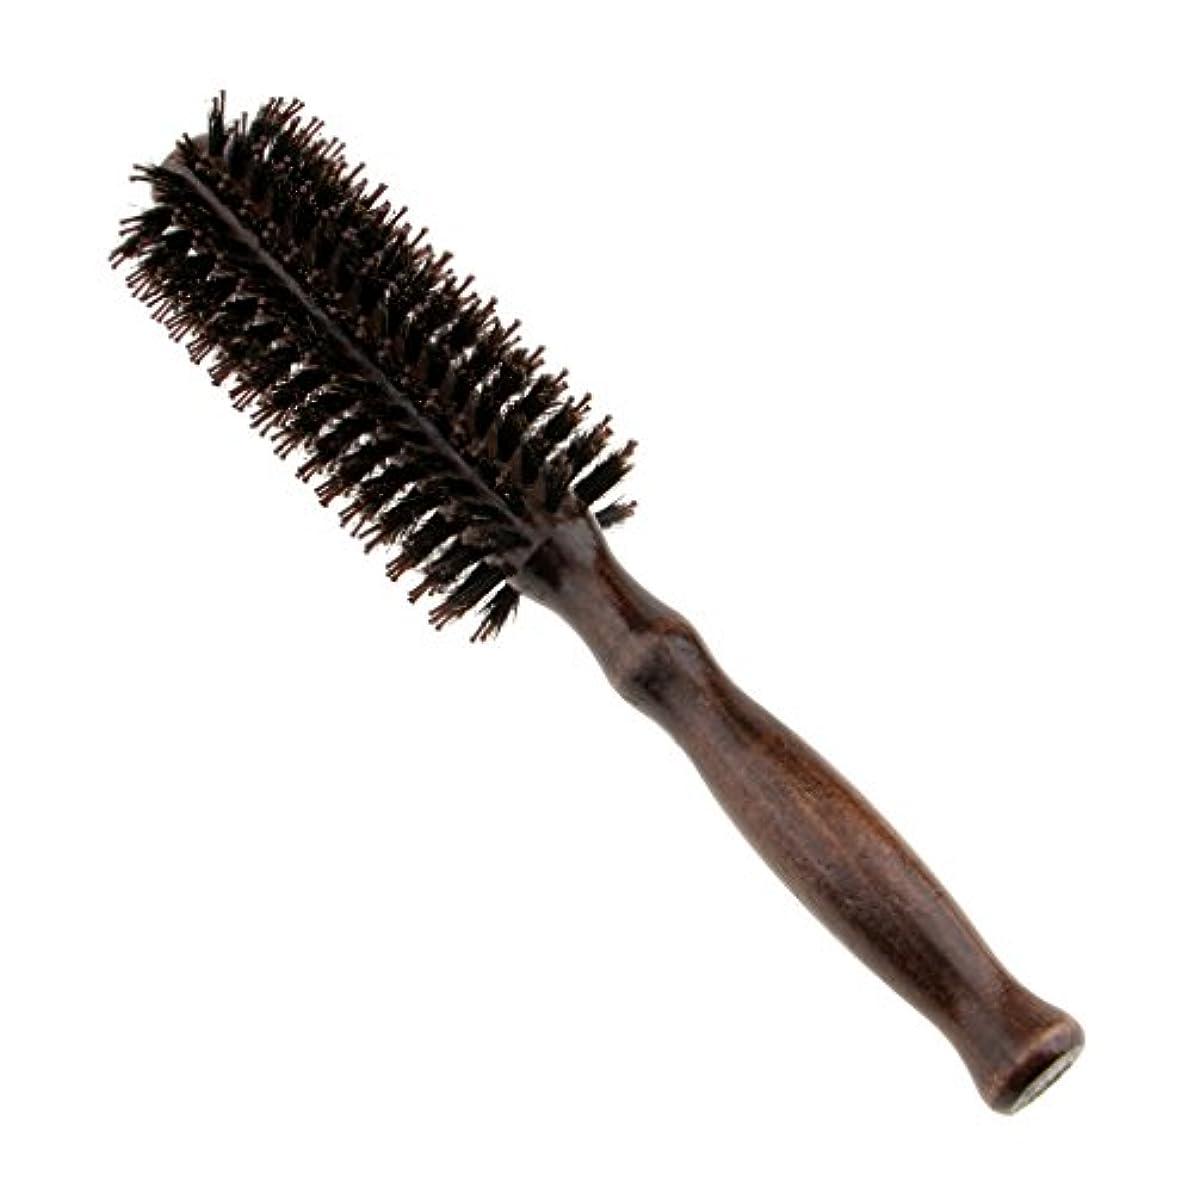 論理香水教師の日DYNWAVE ラウンドウッドのハンドルヘアブラシの理髪美容カールヘアブラシのブラシ - #1